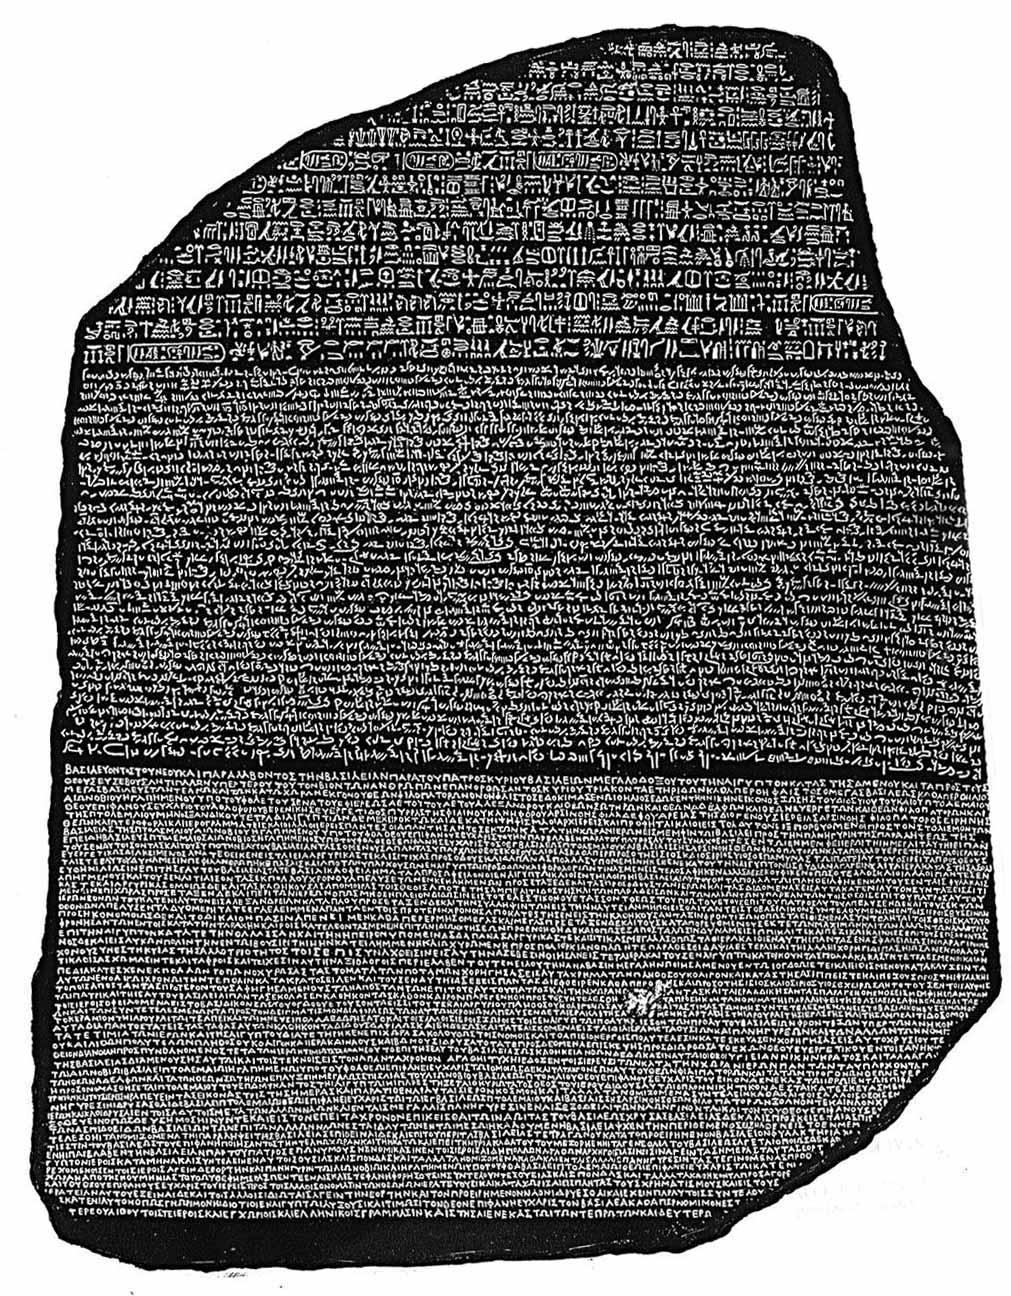 Studying Spanish with Rosetta Stone Rosetta